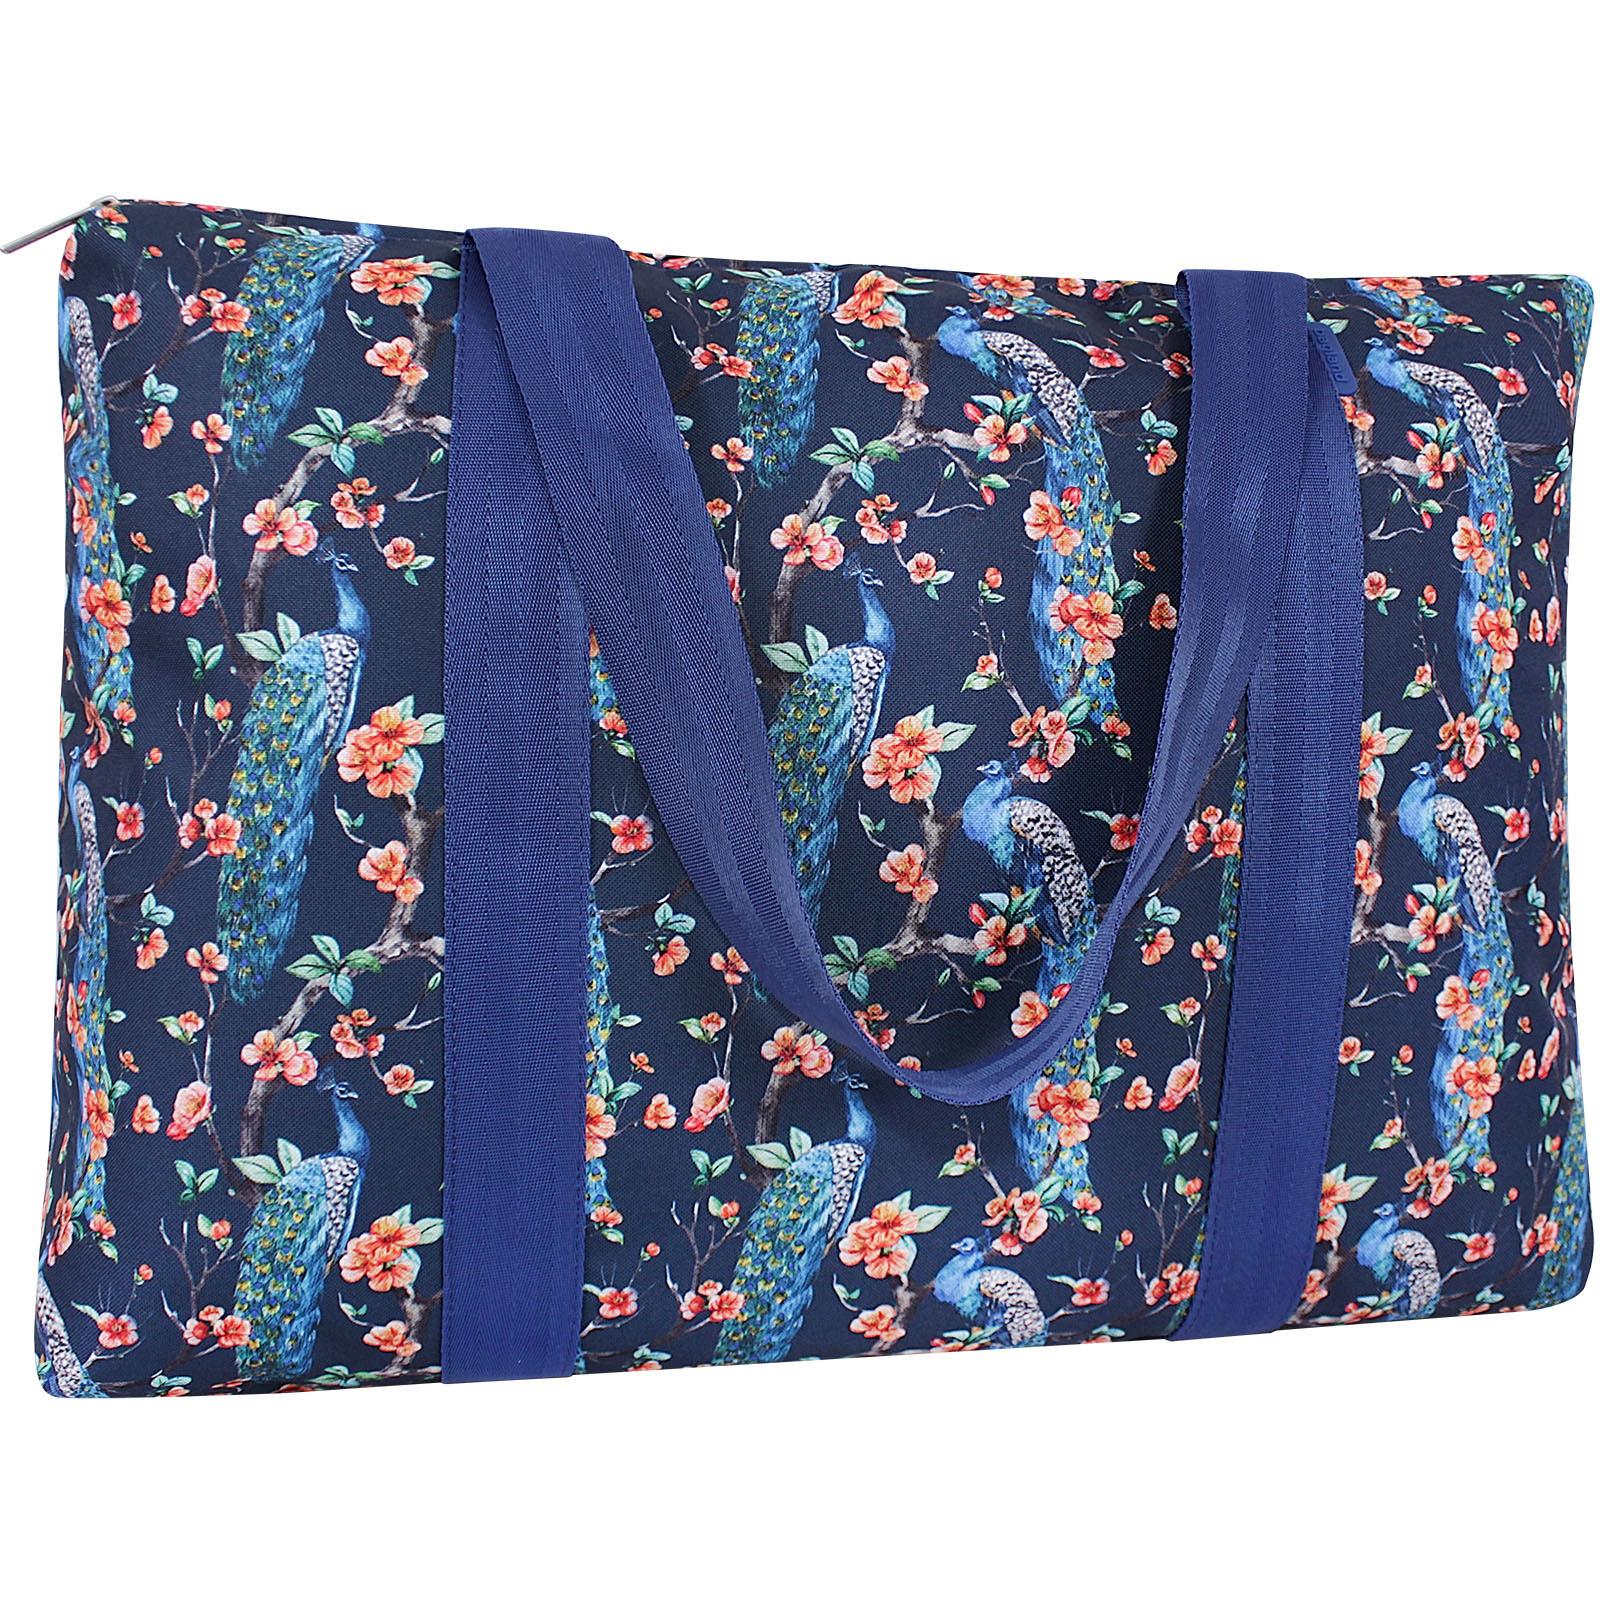 Дорожные сумки Сумка Bagland Anita 30 л. сублимация 787 (00731664) IMG_0799_суб.787_.JPG